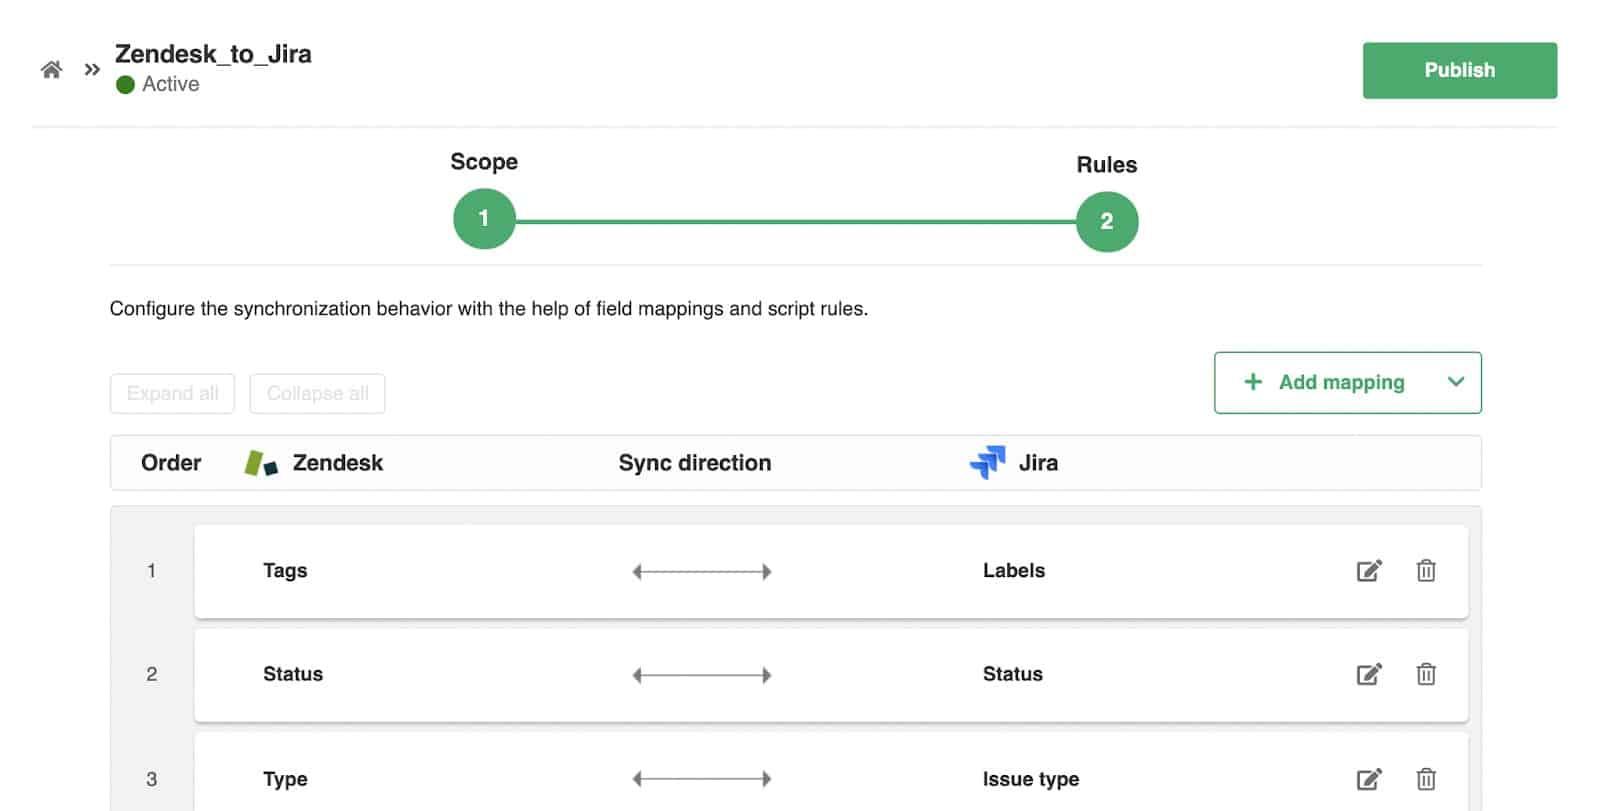 zendesk to jira visual sync rules